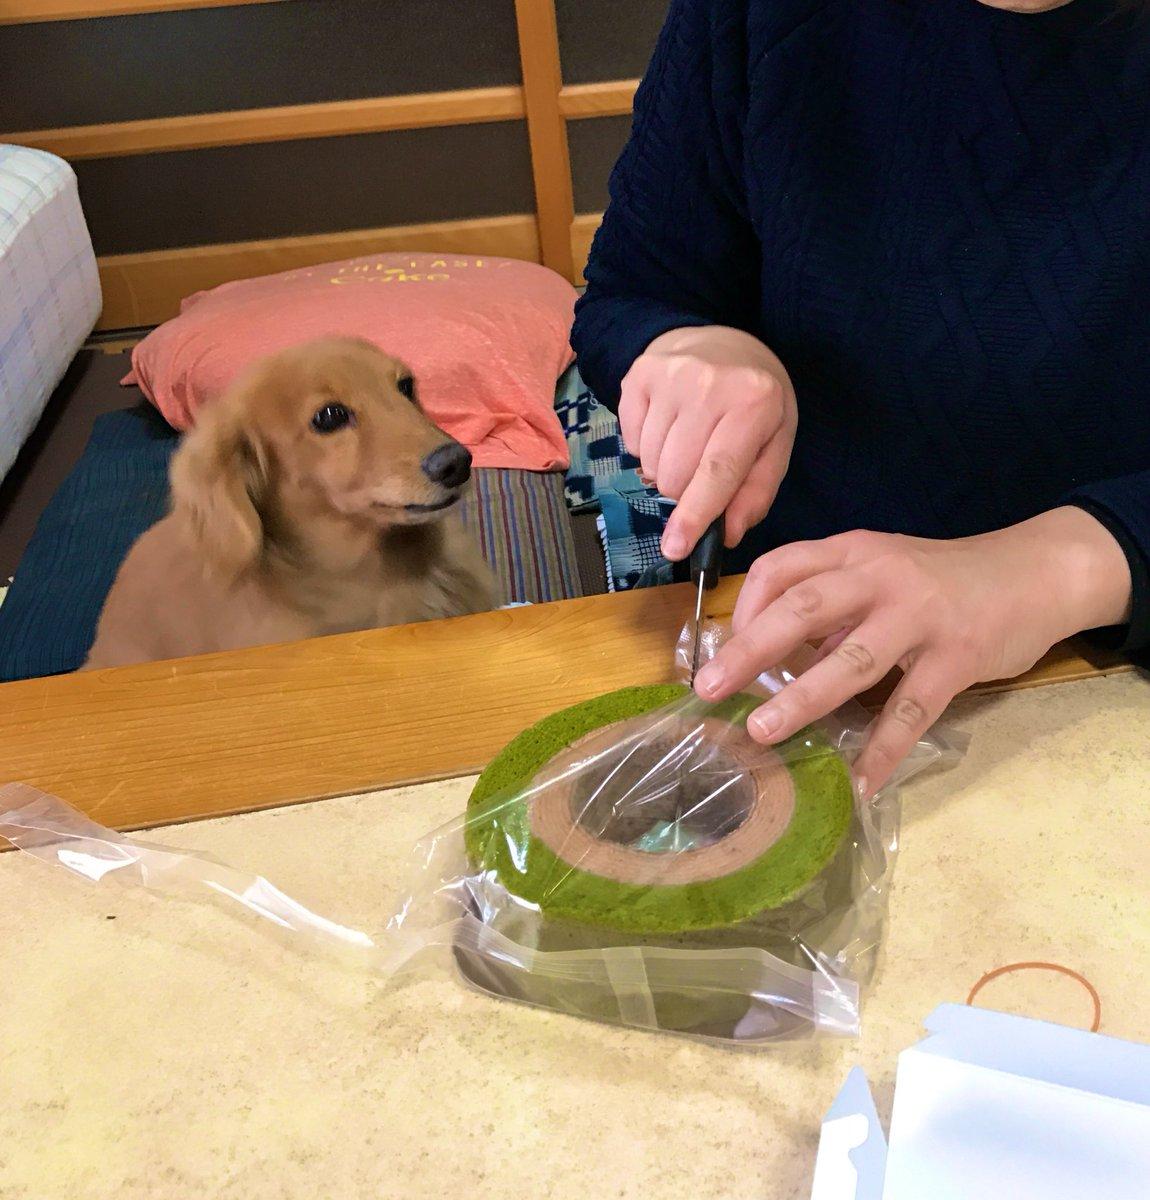 test ツイッターメディア - 京ばあむが切り分けられていく様子を見守る犬 https://t.co/vW1S2bjU48